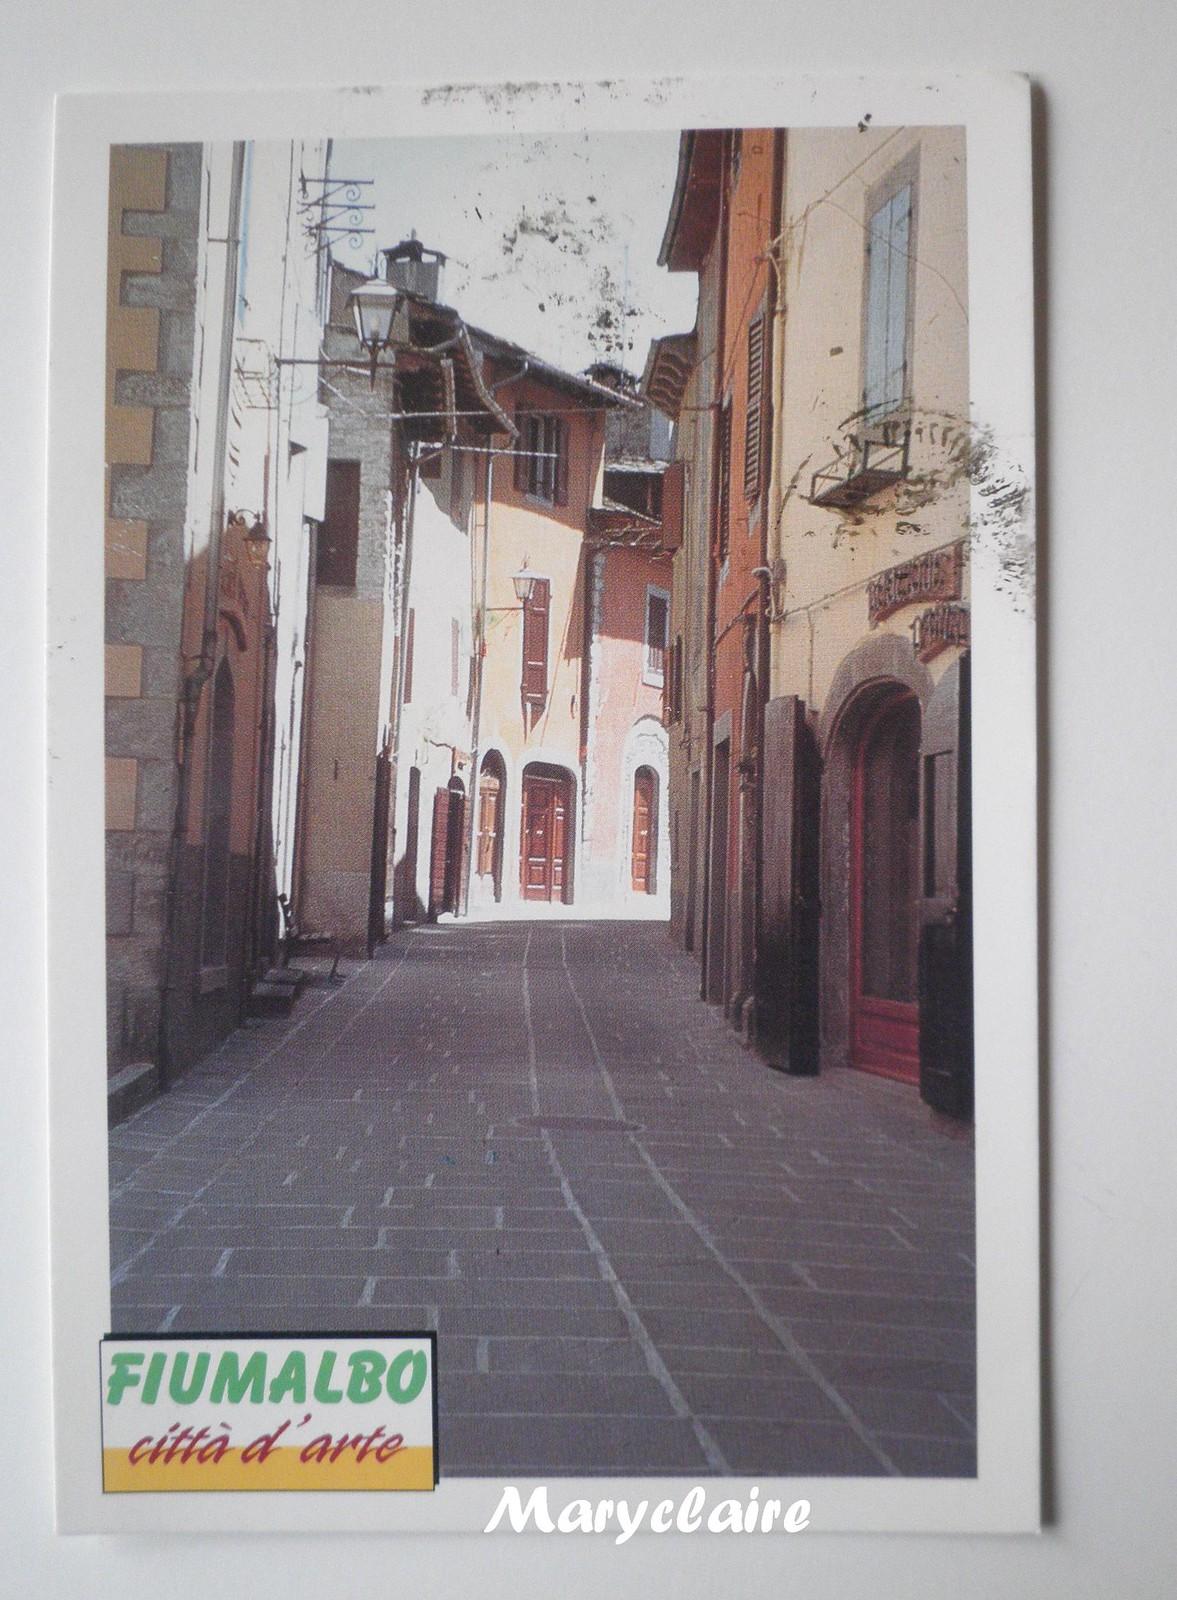 Fiumalbo by Fiore